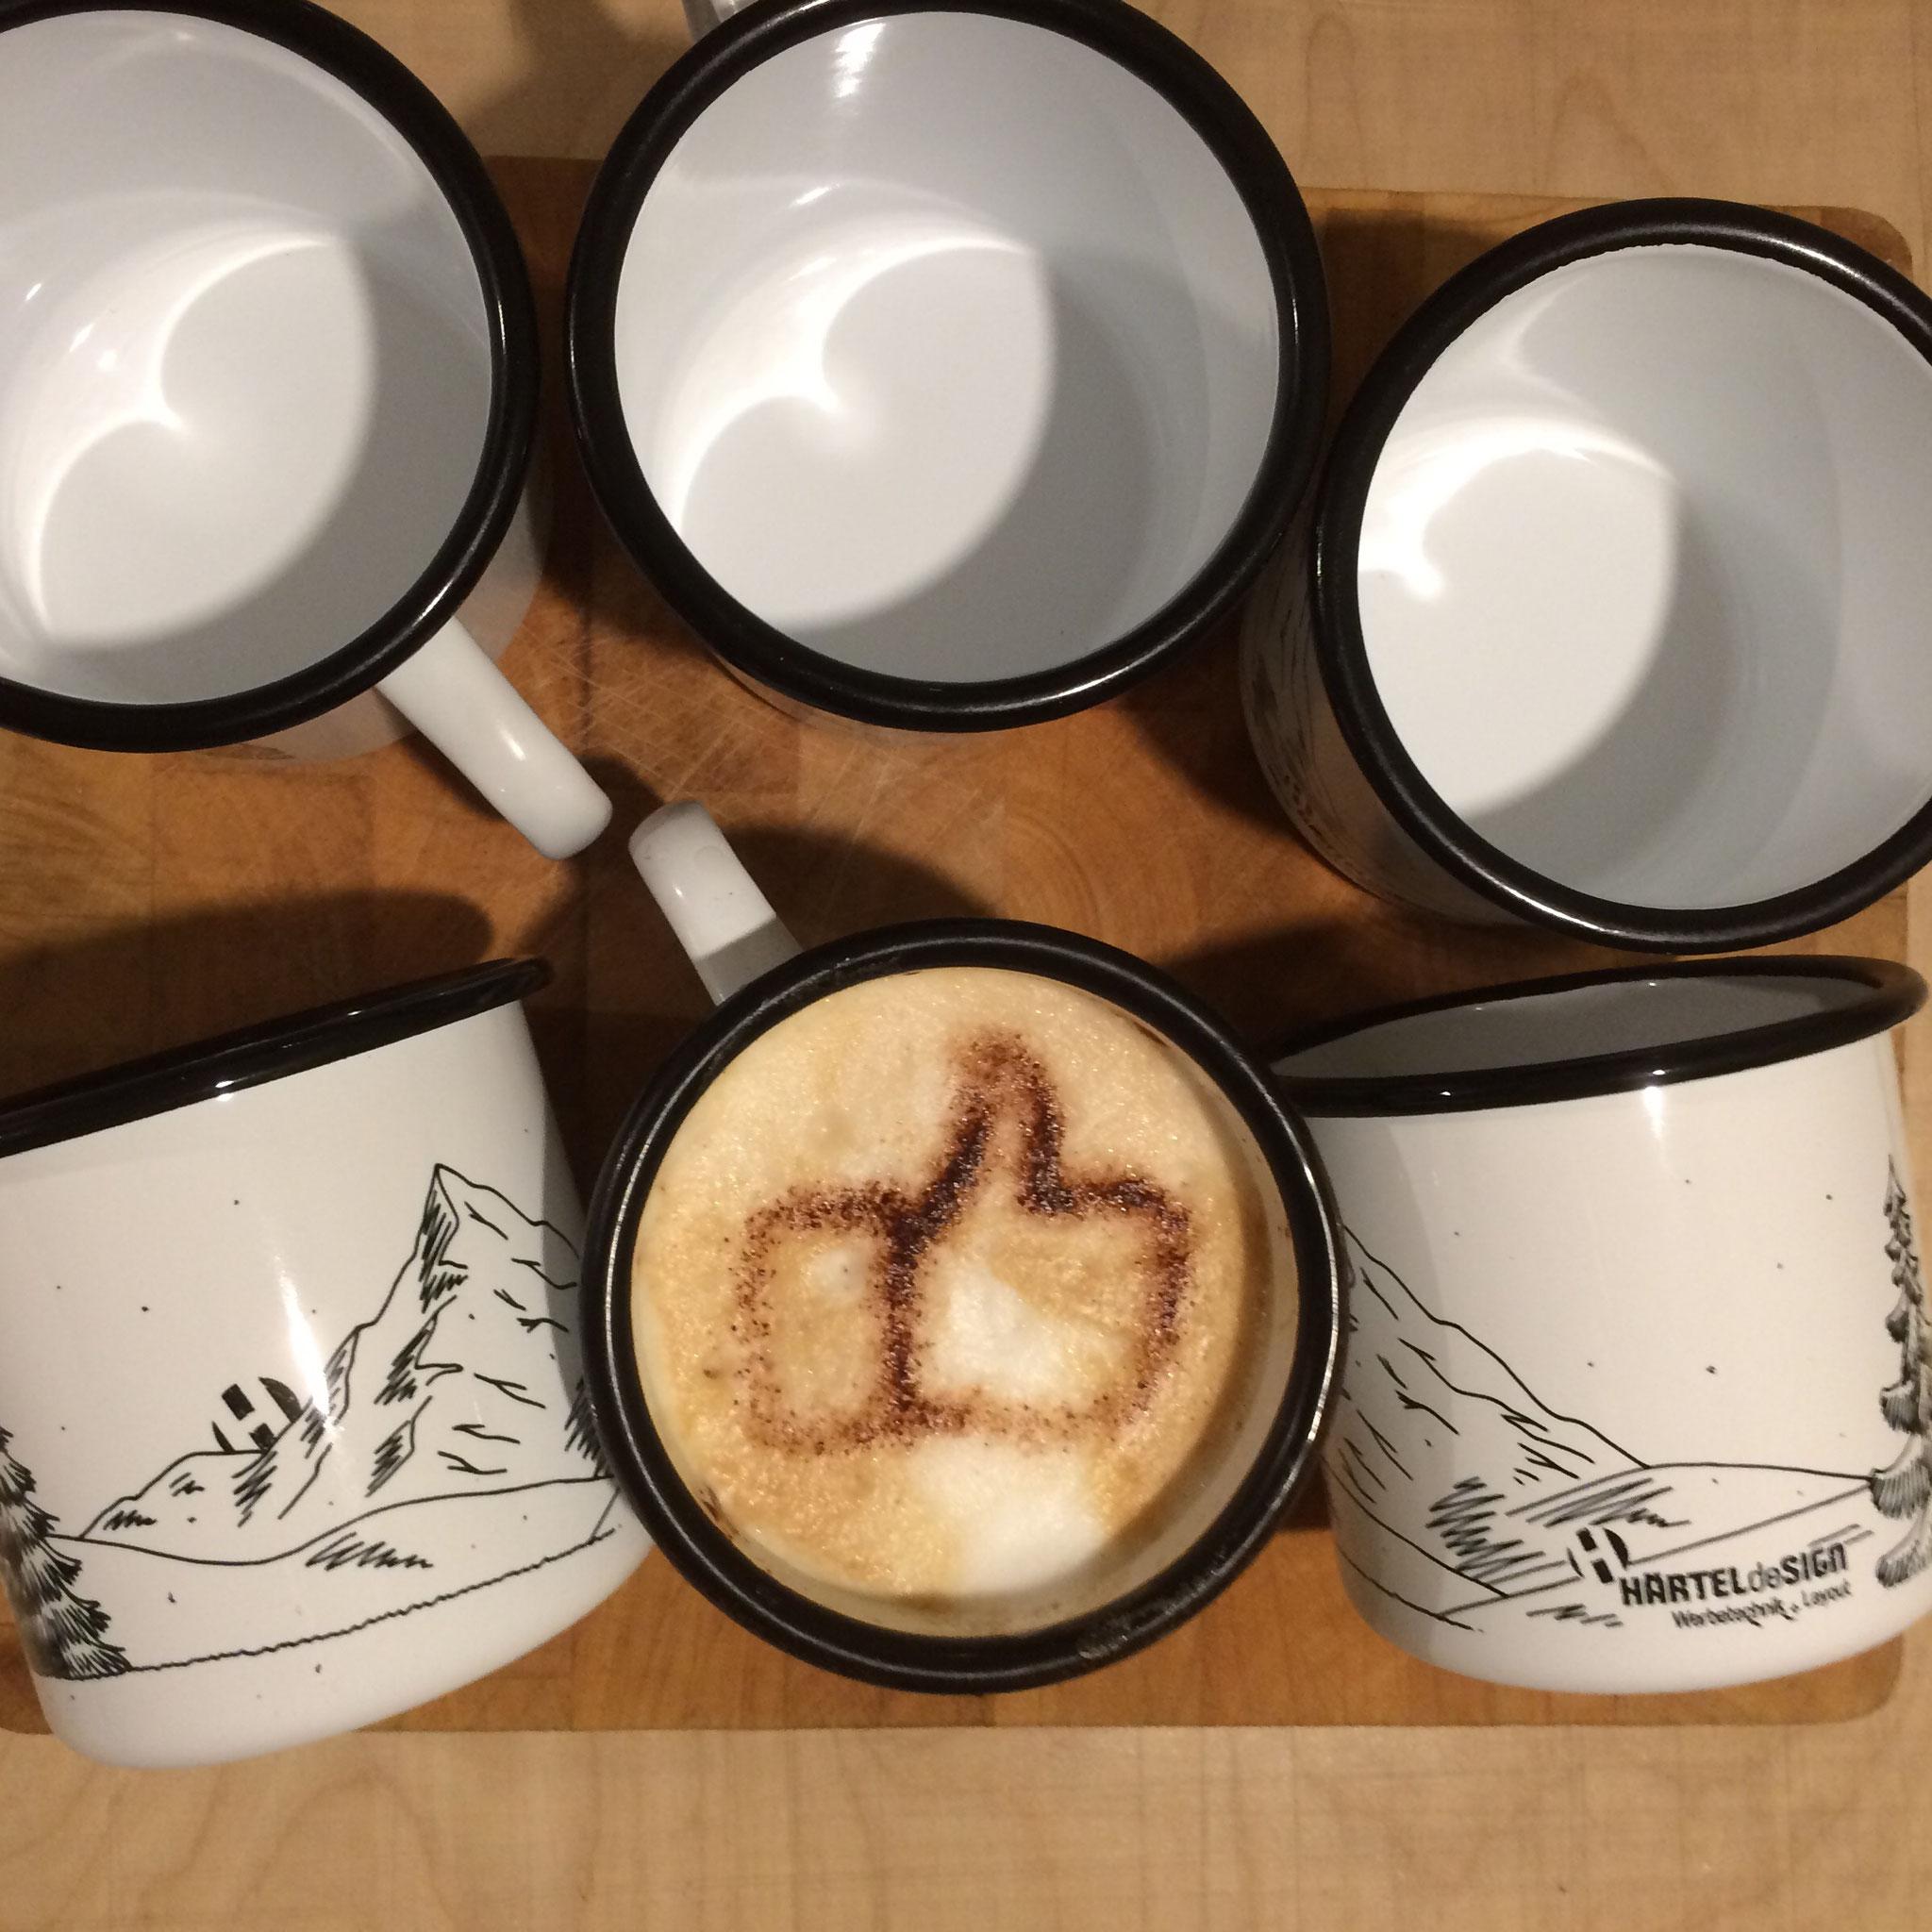 Emaille-Tassen mit Druck, Nachhaltig, haltbar, individuell.